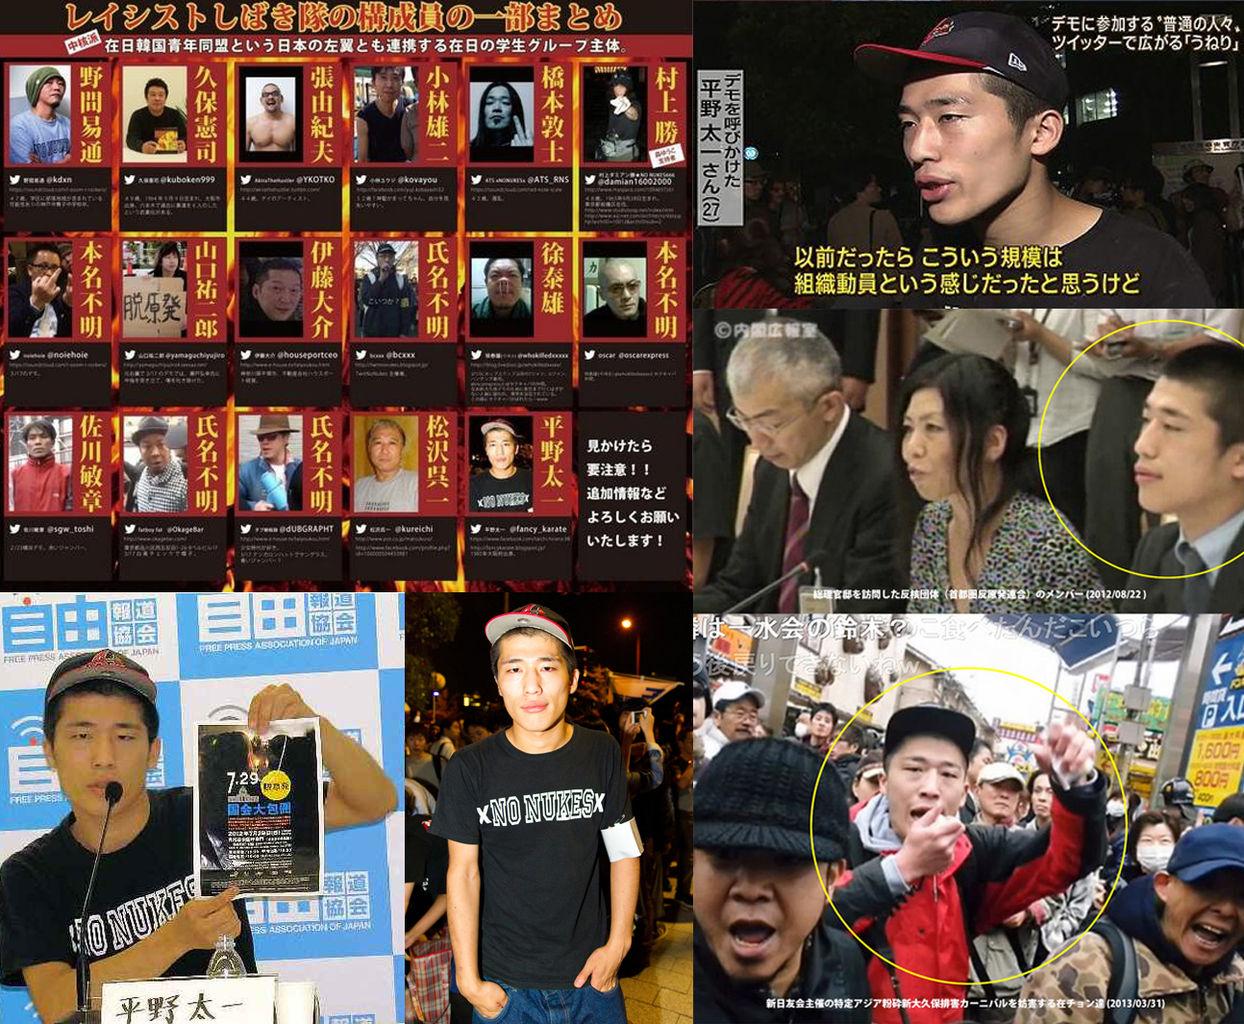 阿佐ヶ谷の反原発デモで公務執行妨害により逮捕。左翼暴力集団の在日韓国青... レイシストしばき隊